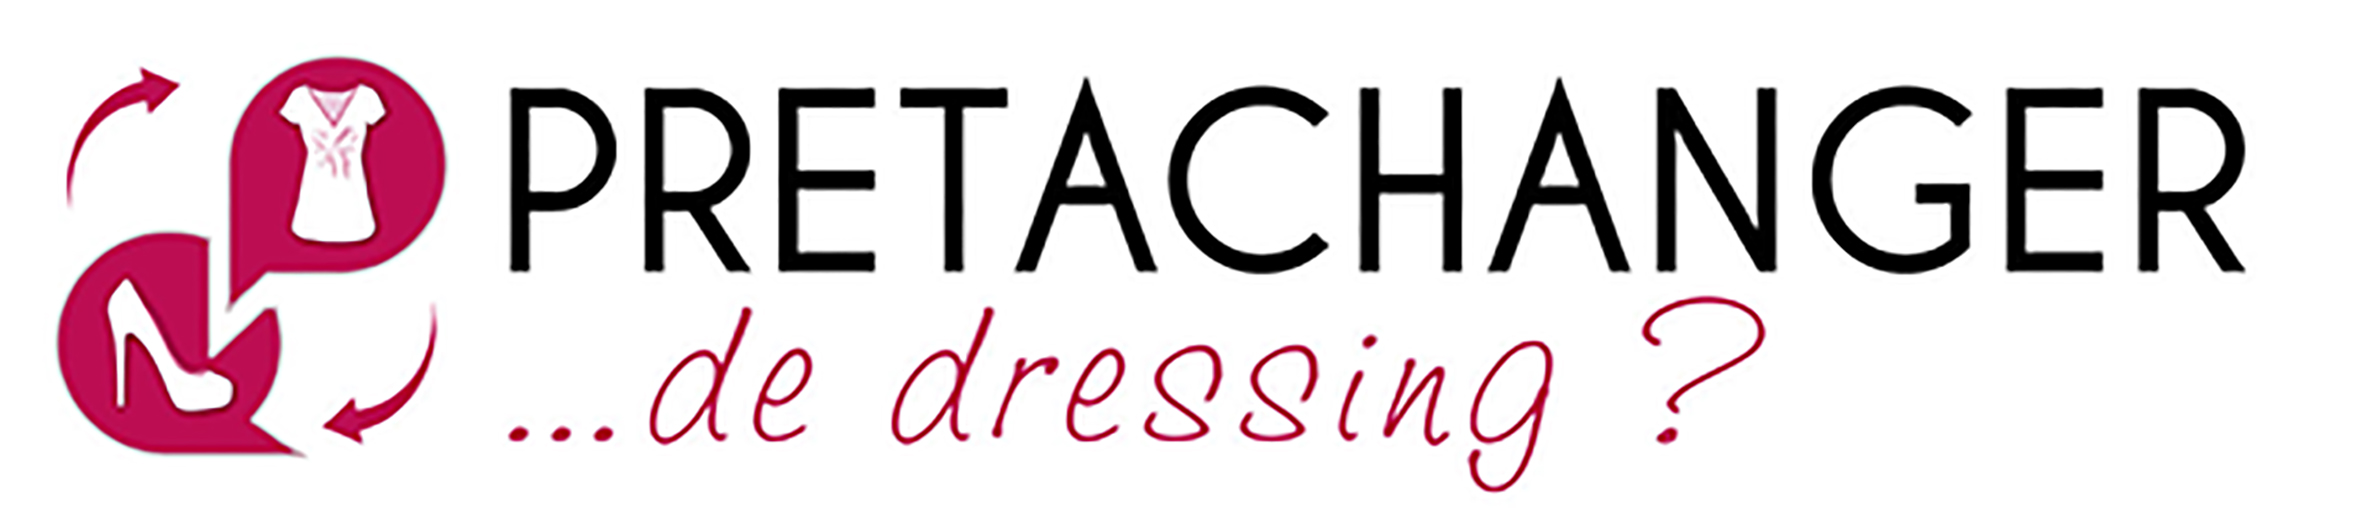 logo_pretachanger